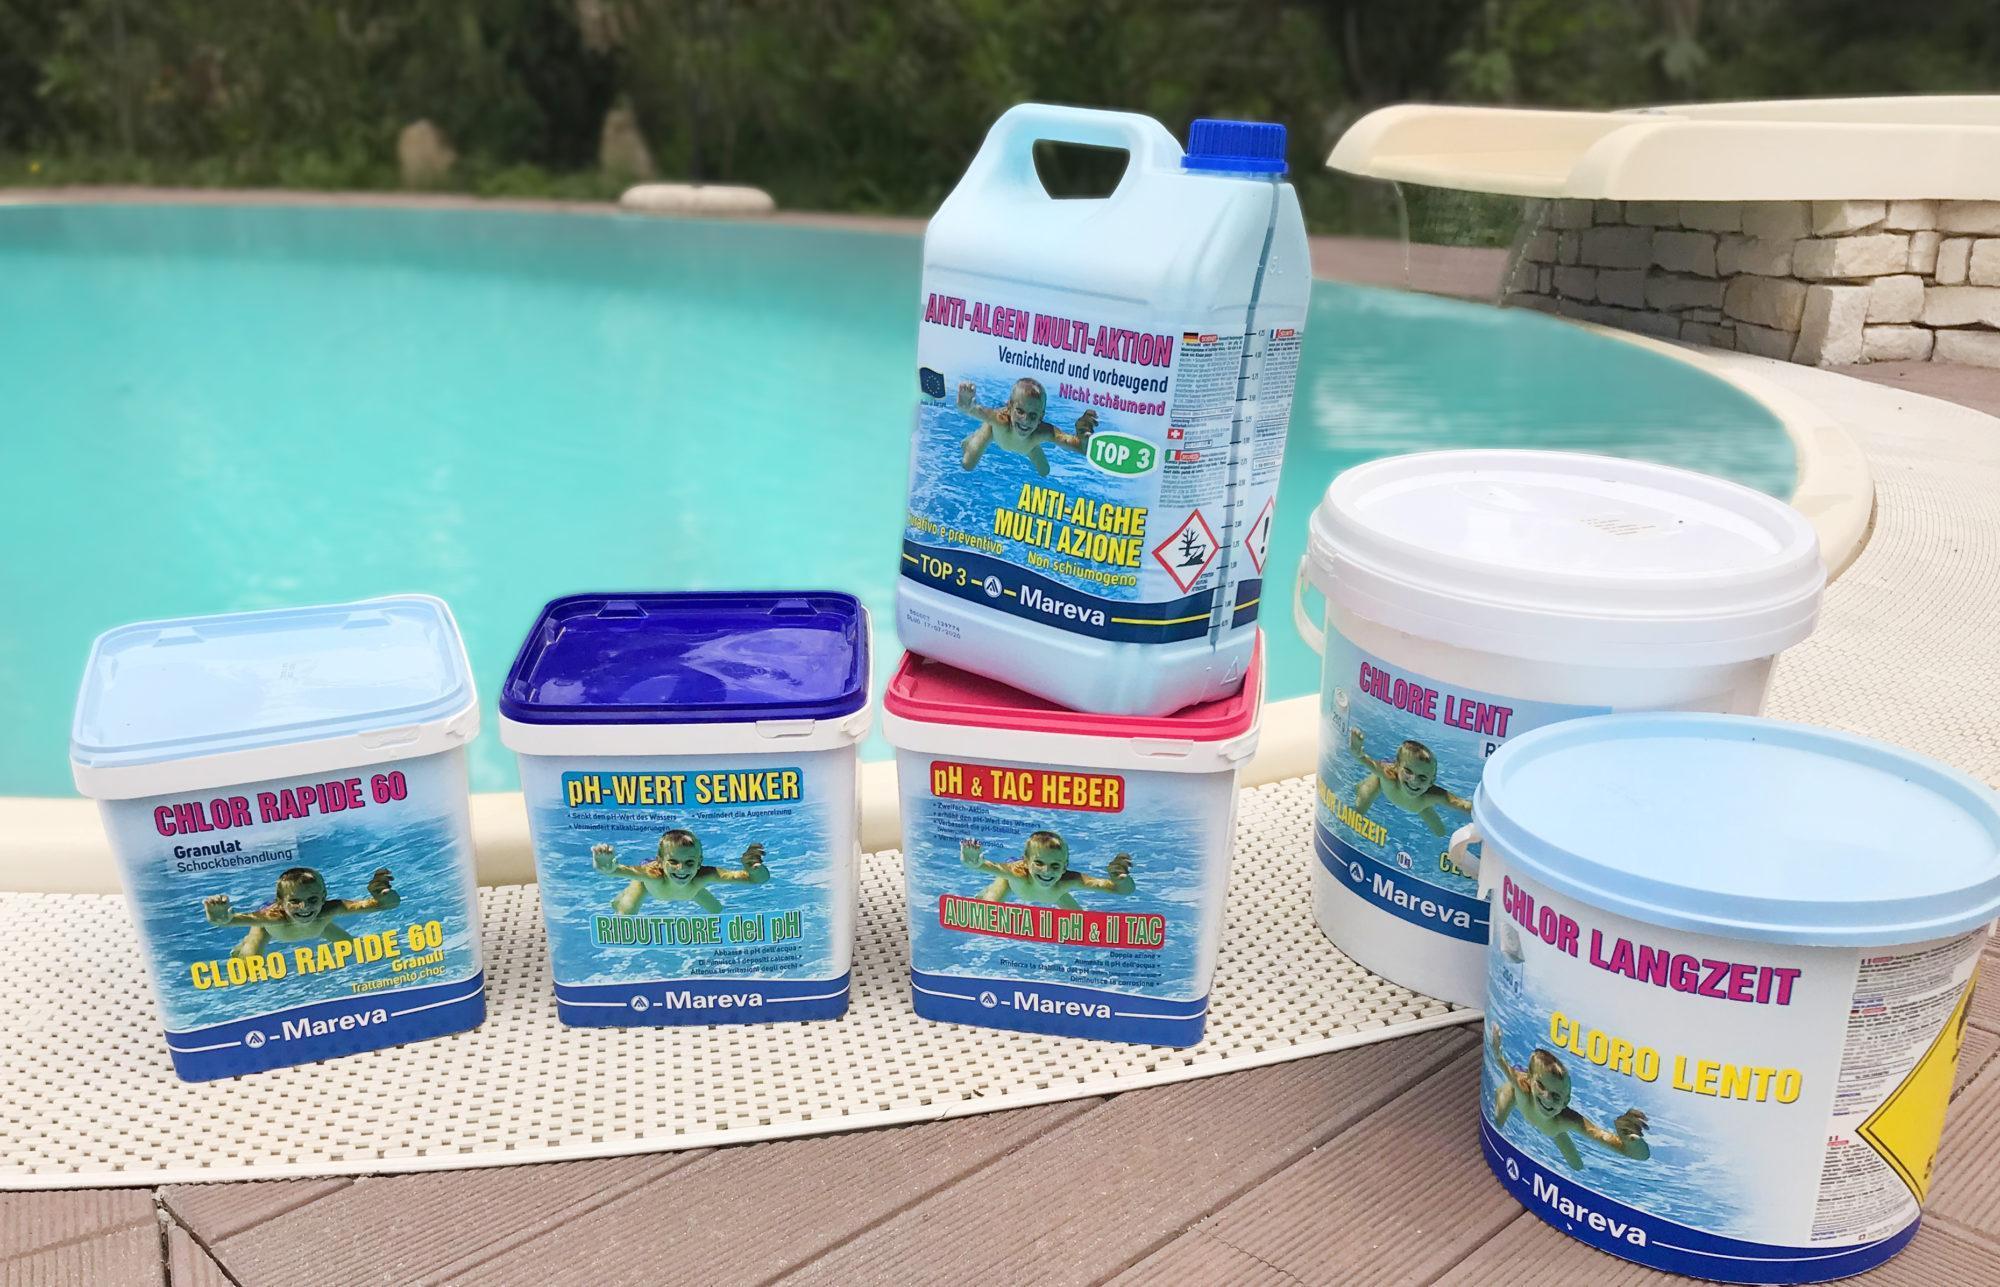 Oasi Blu Piscine Avellino - prodotti piscina